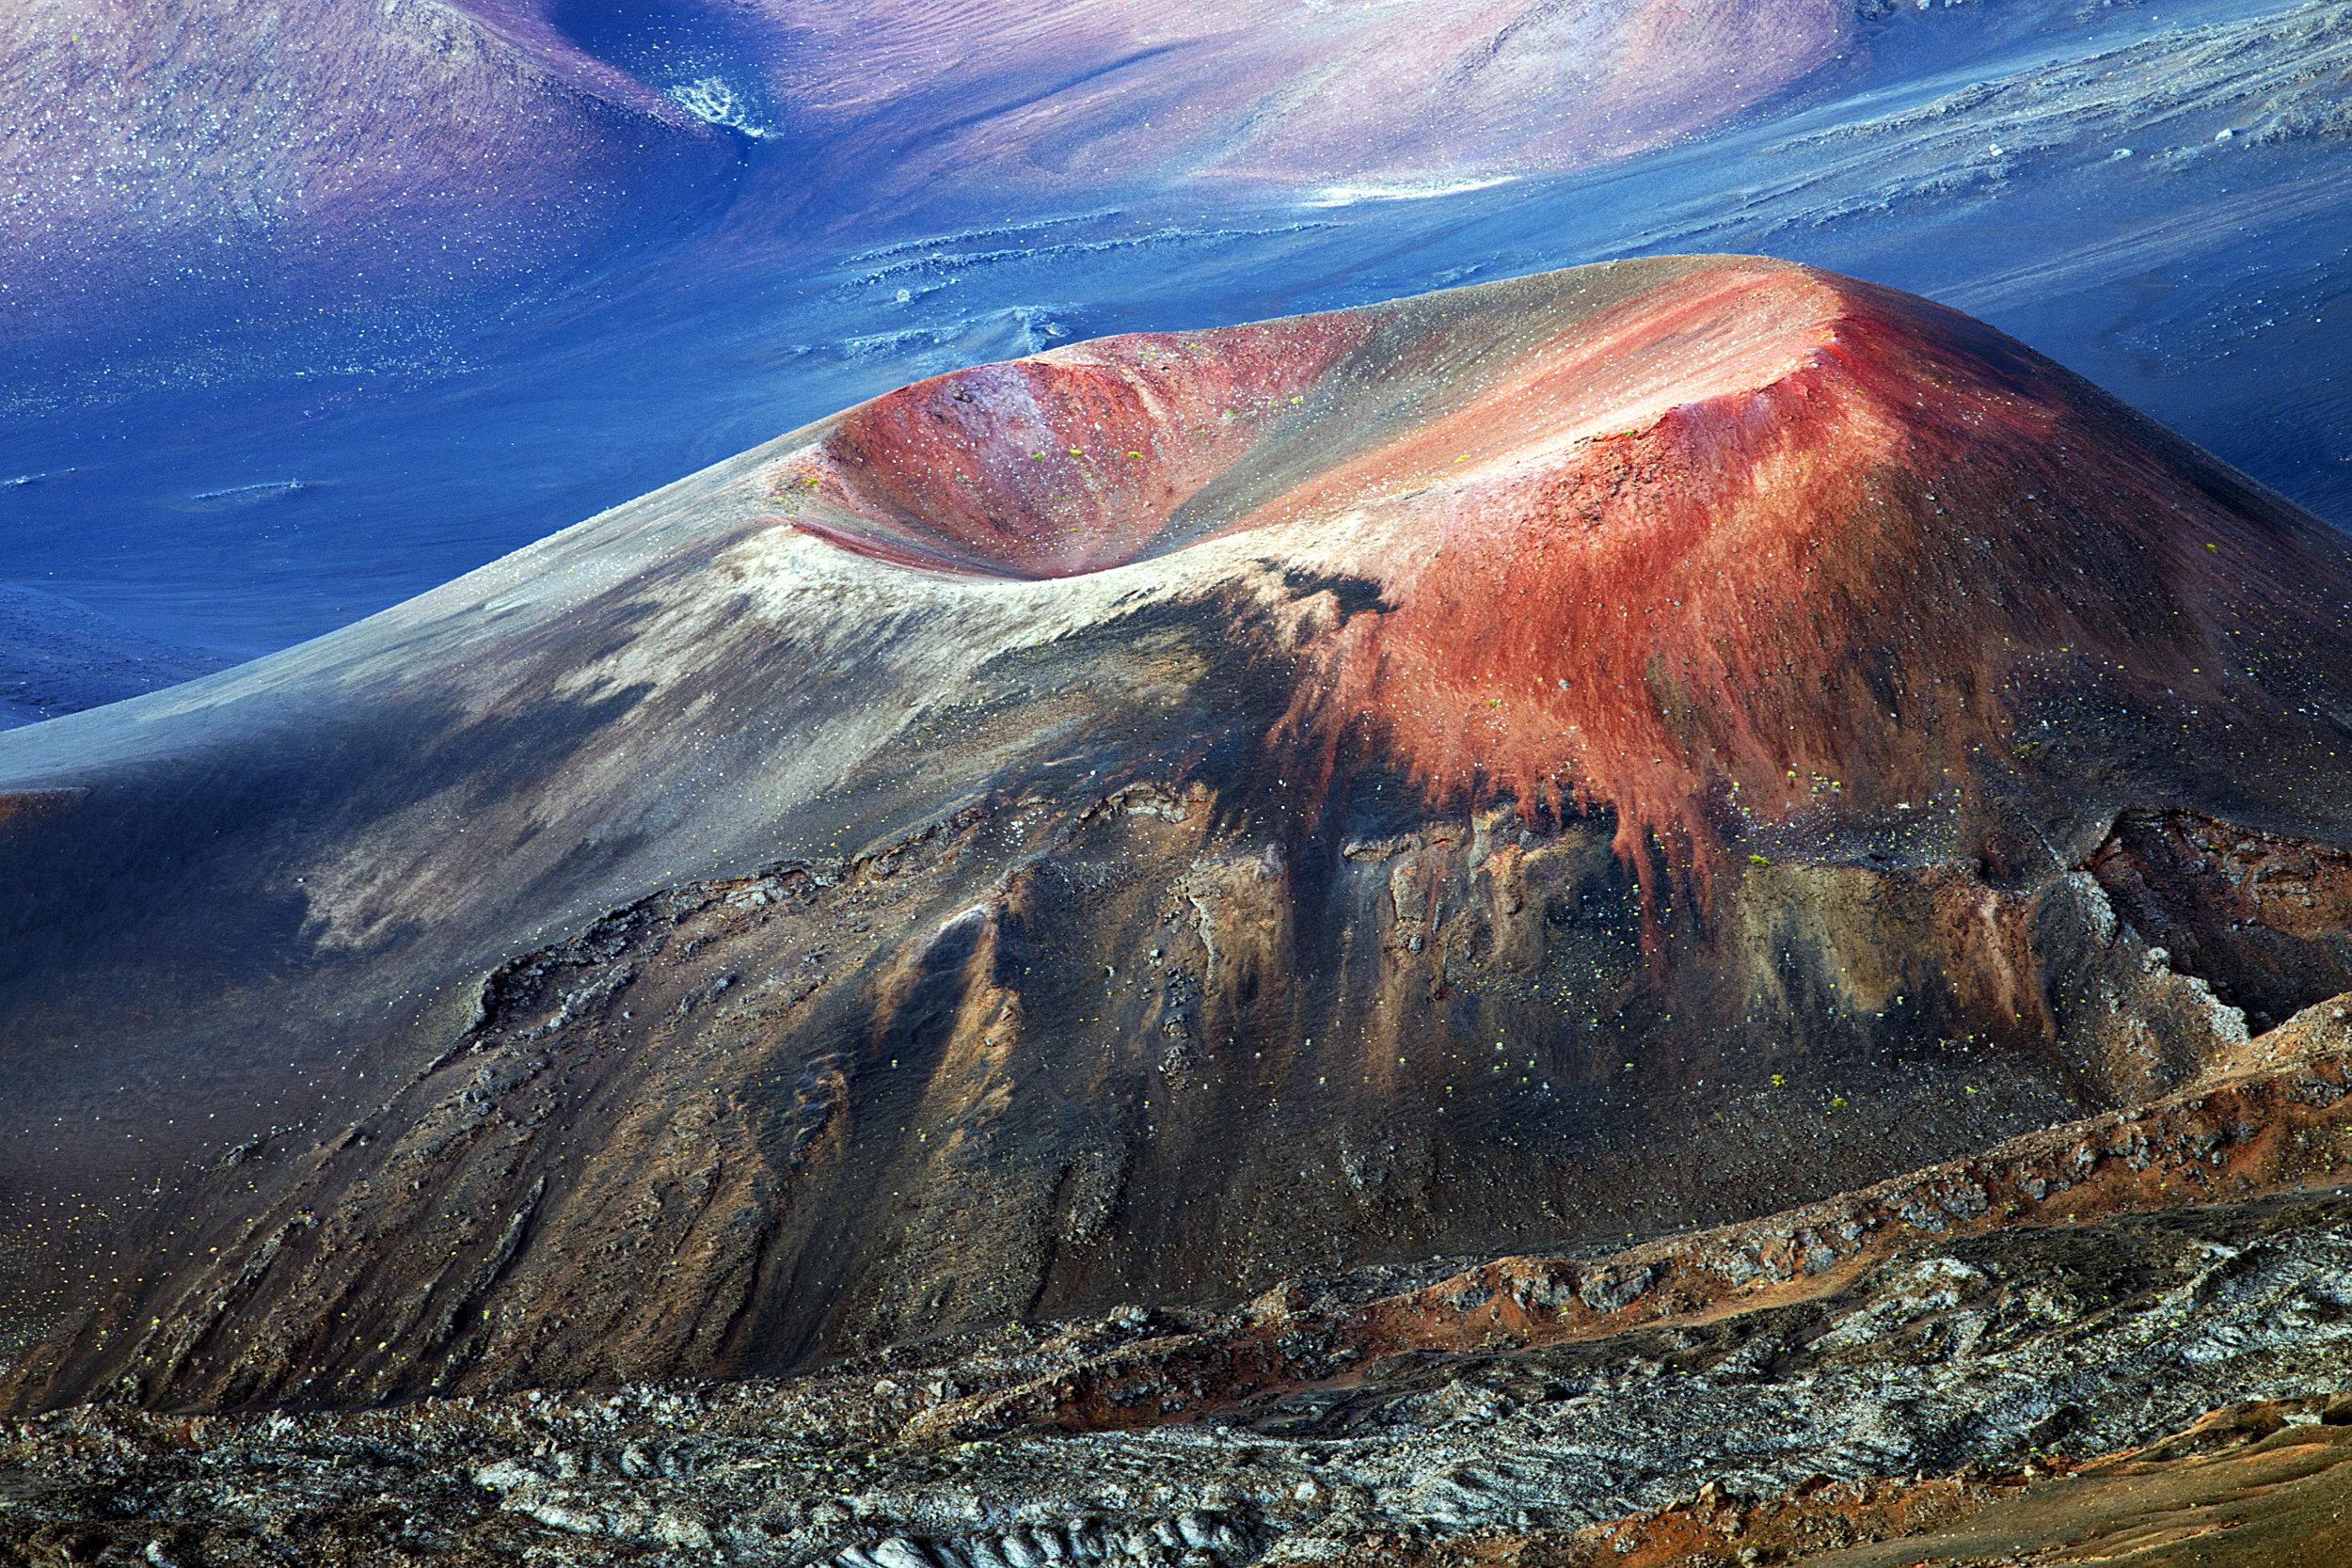 Maui Mars